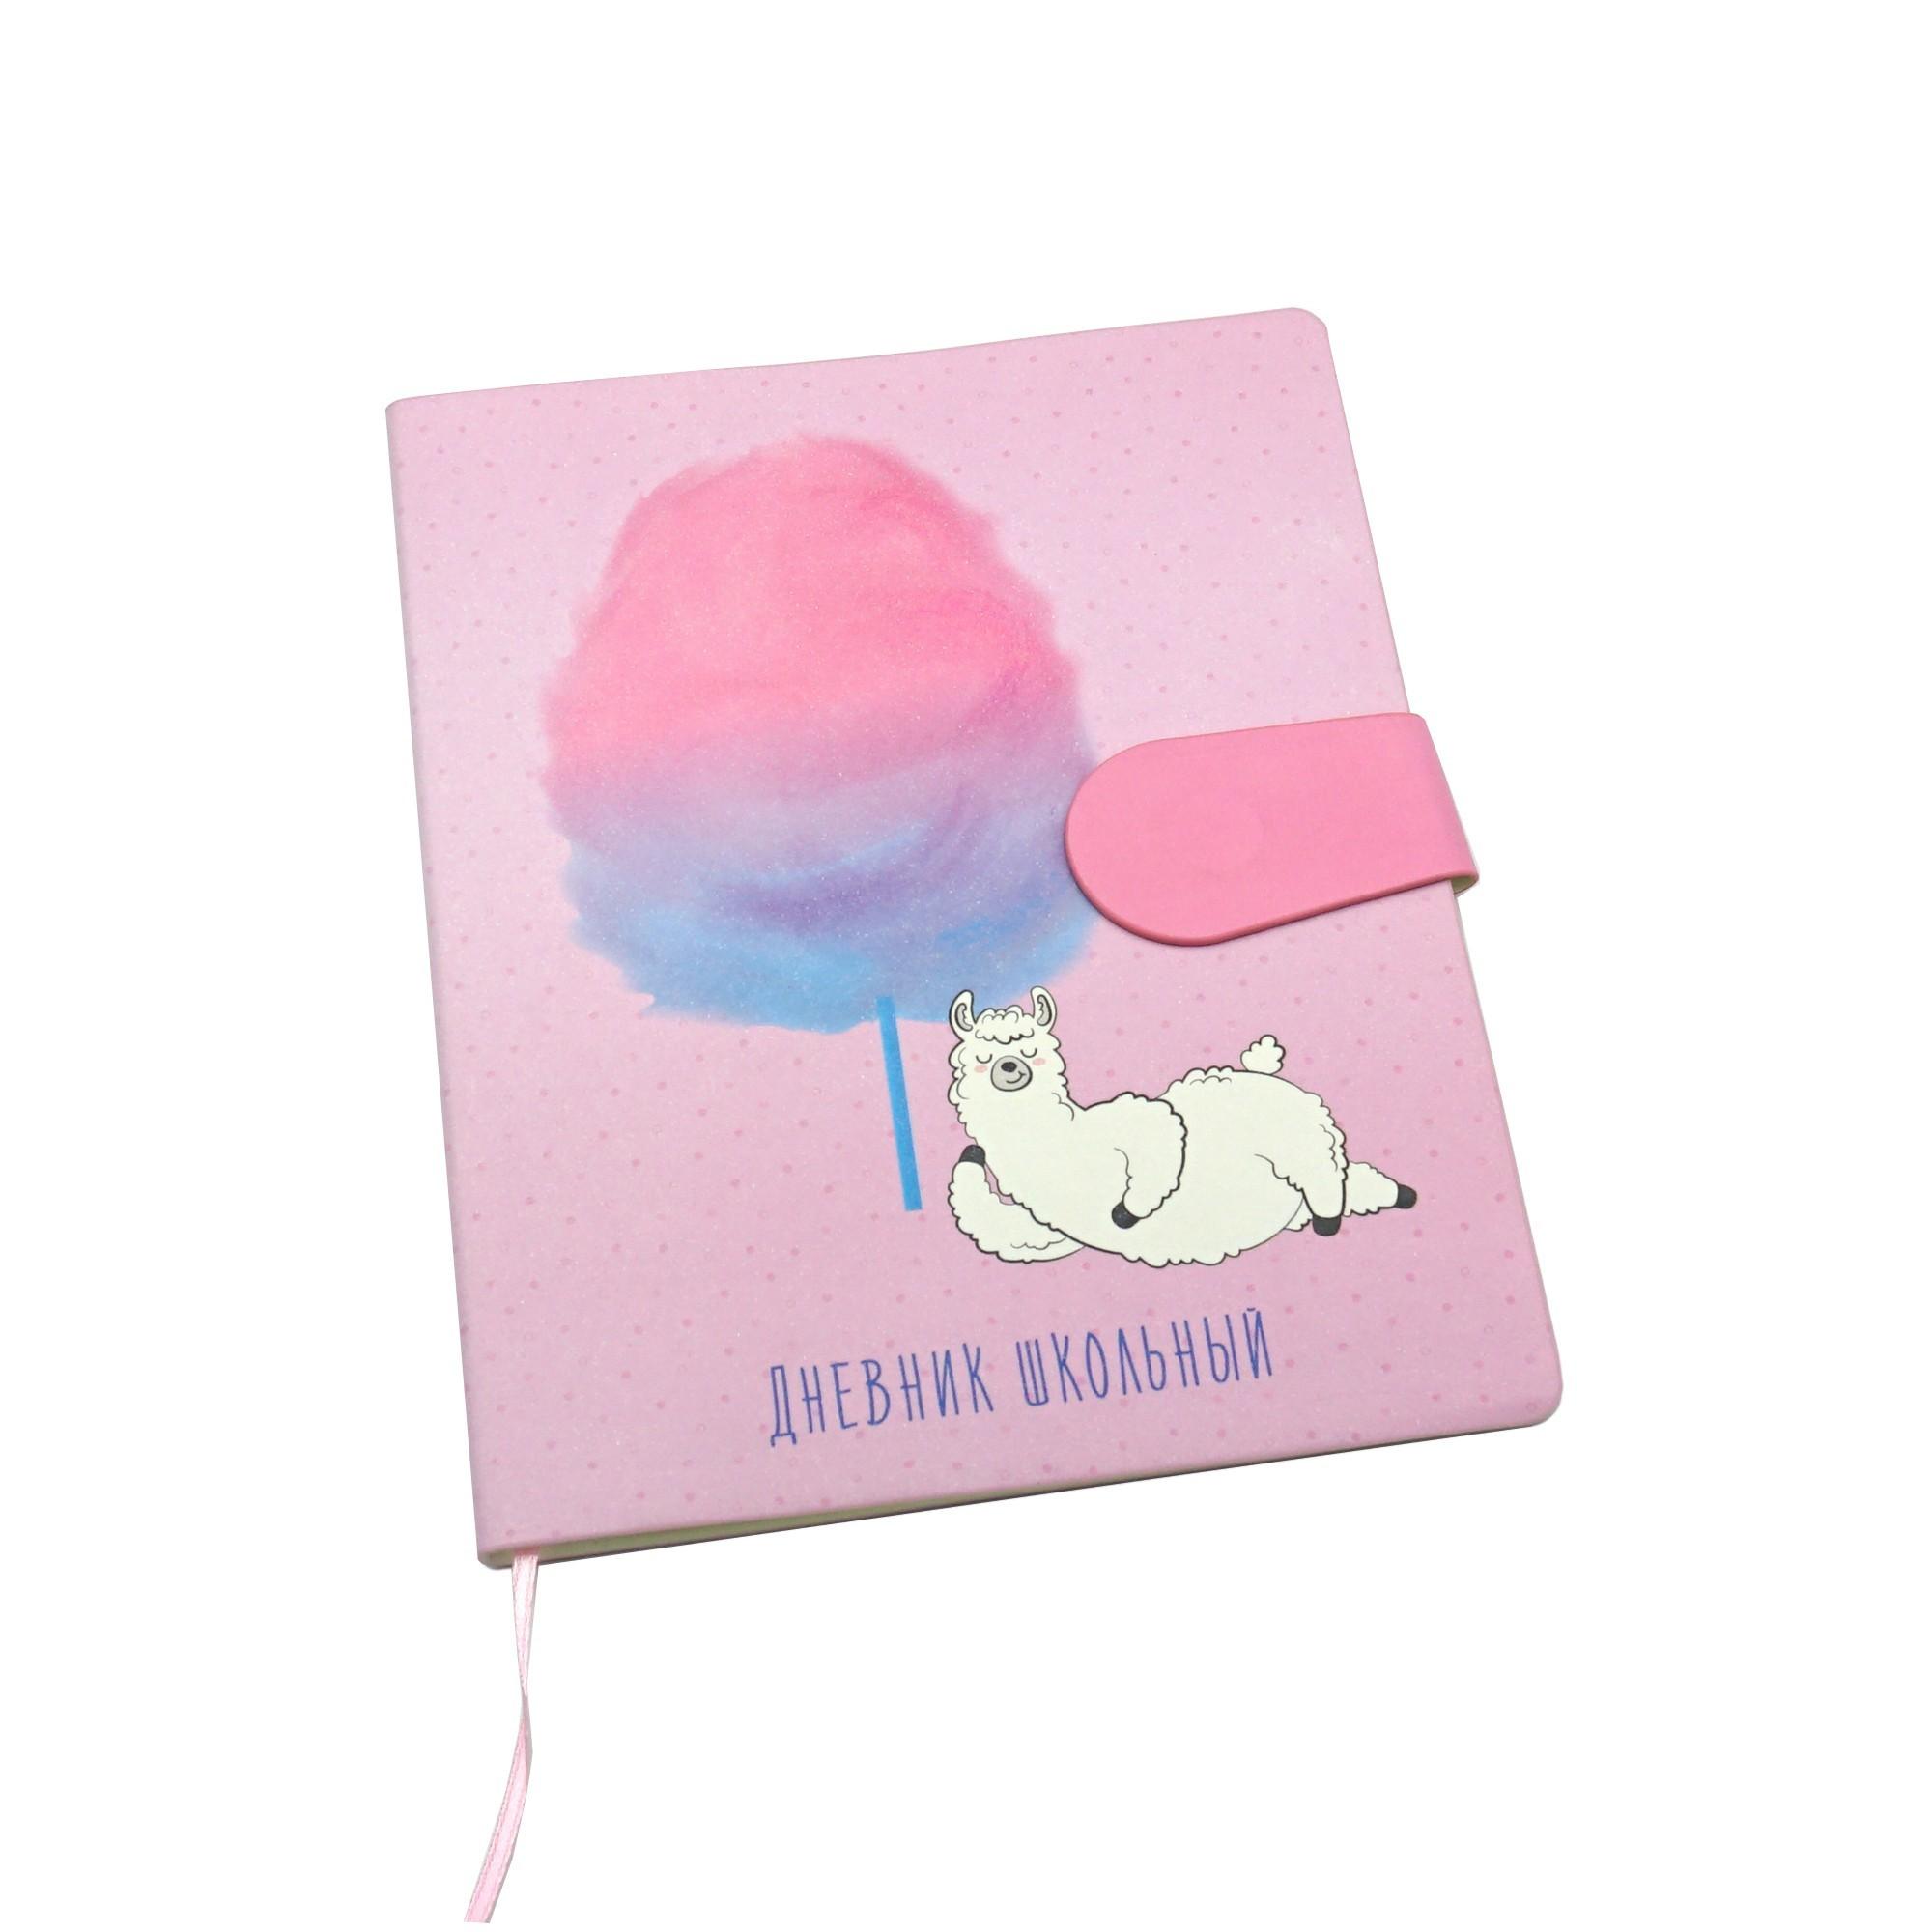 Дневник ст кл Marshmallow collection. Дизайн 2 (иск.кожа)